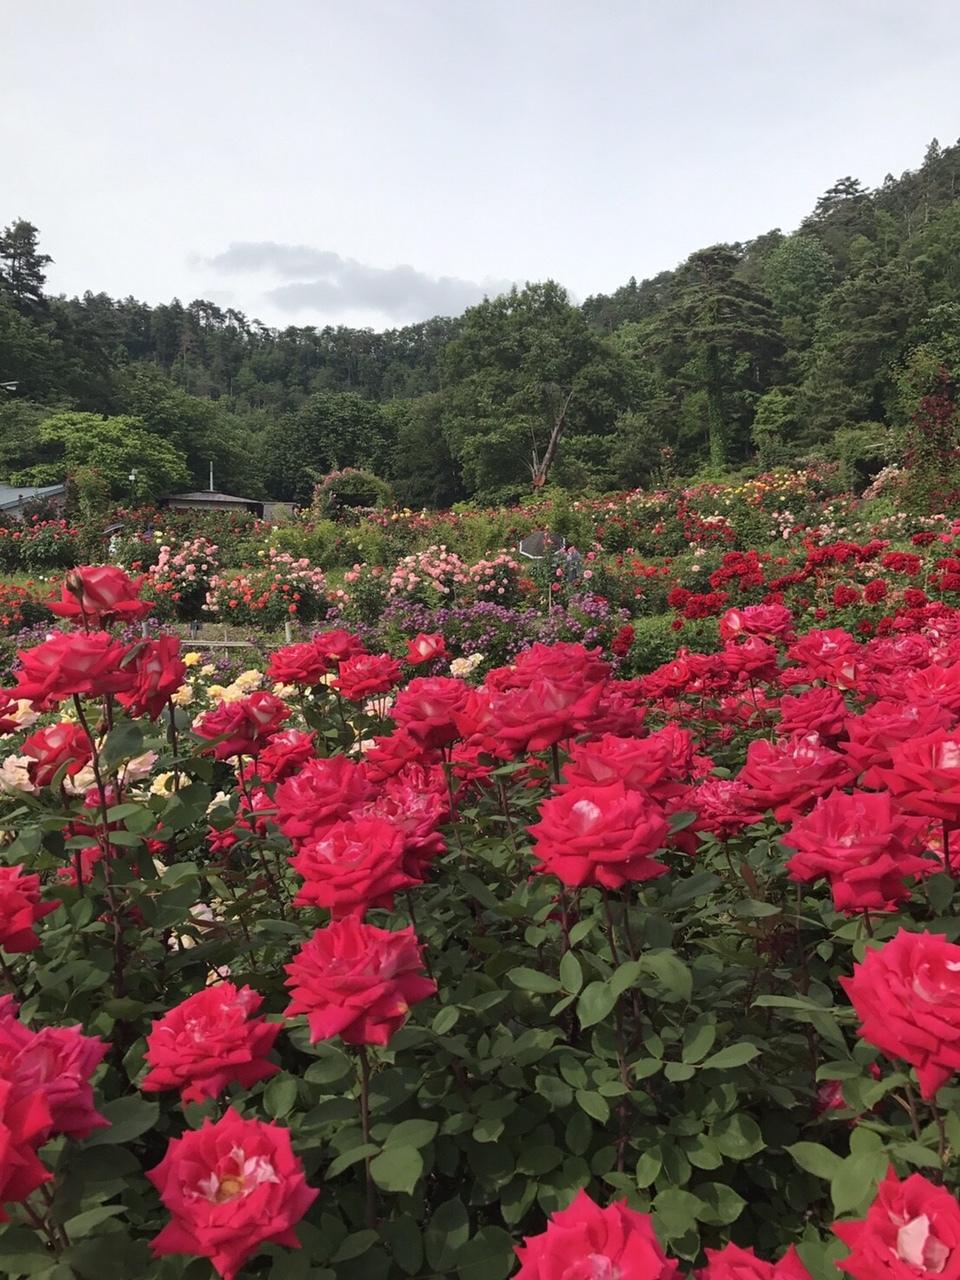 東沢バラ公園(山形県)で散歩 - マキタツ博士のなんでも研究所